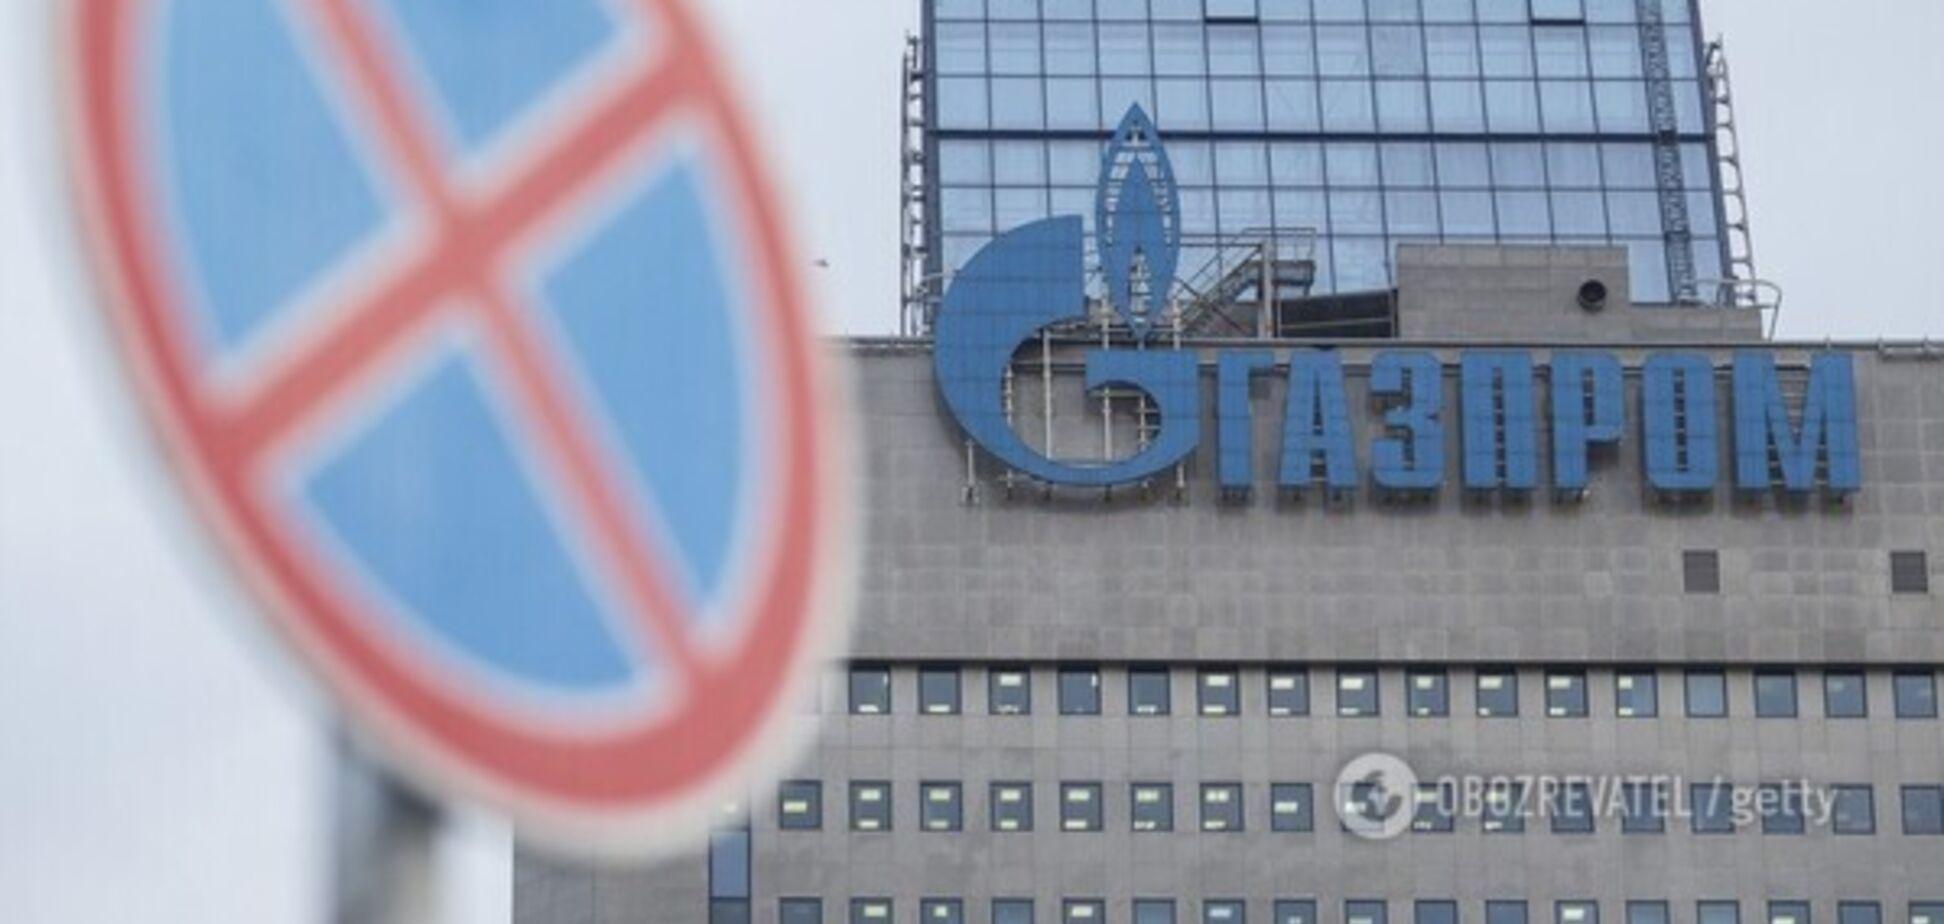 ЕСсняларест с активов 'Газпрома': 'Нафтогаз' объяснил